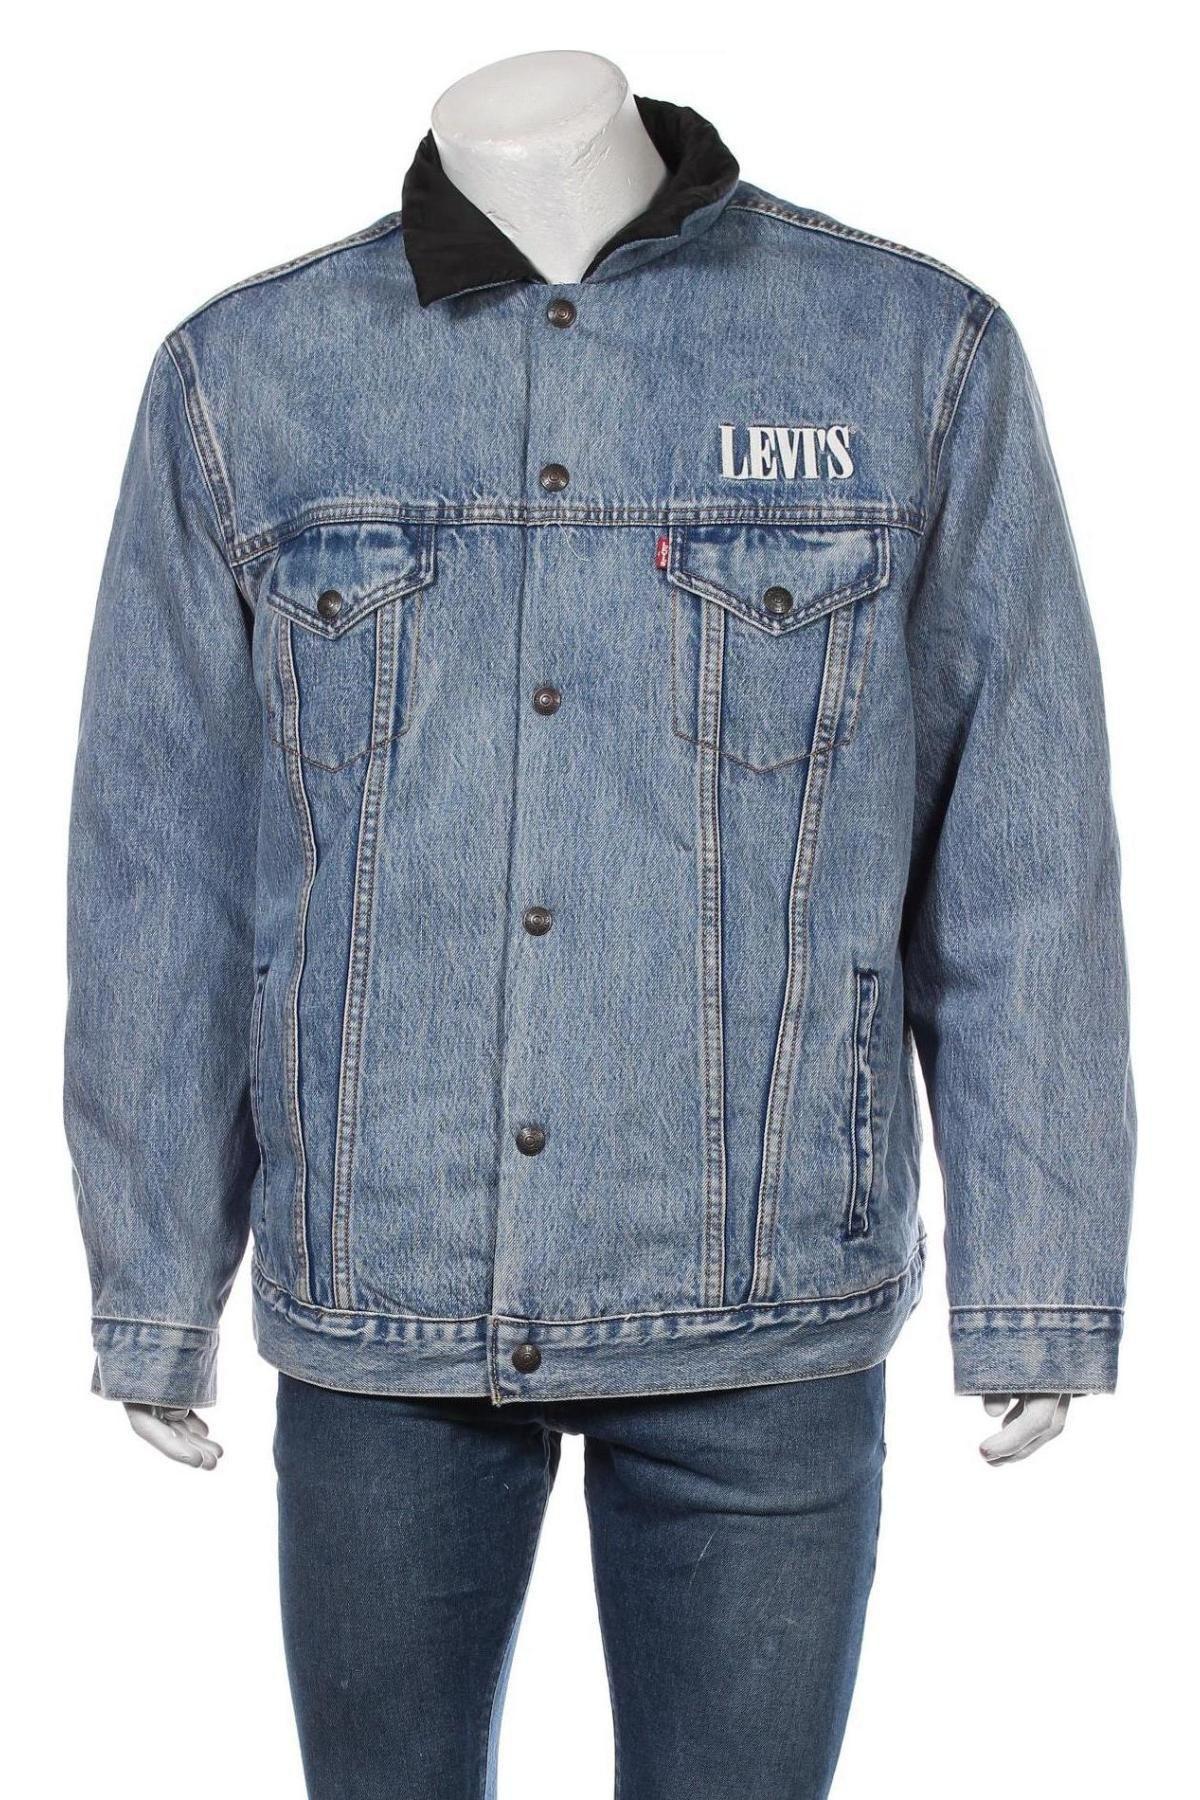 Ανδρικό μπουφάν Levi's, Μέγεθος XL, Χρώμα Μπλέ, Βαμβάκι, πολυαμίδη, Τιμή 111,73€